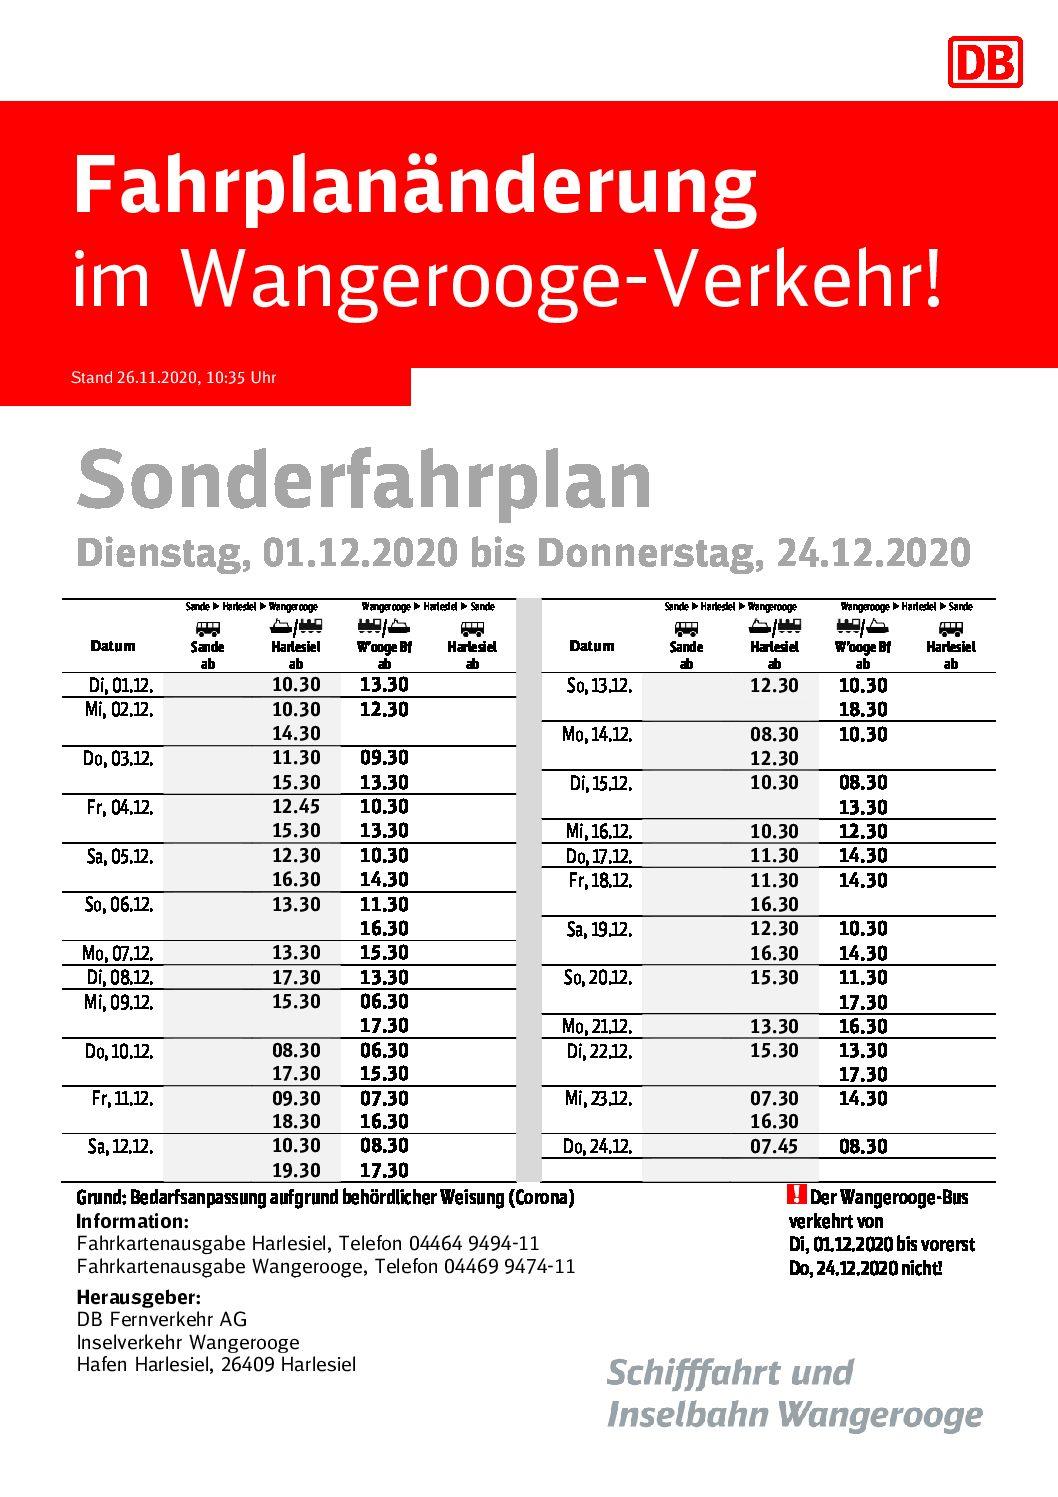 DB/SIW Sonderfahrplan Dienstag, 01.12.2020 bis Donnerstag, 24.12.2020